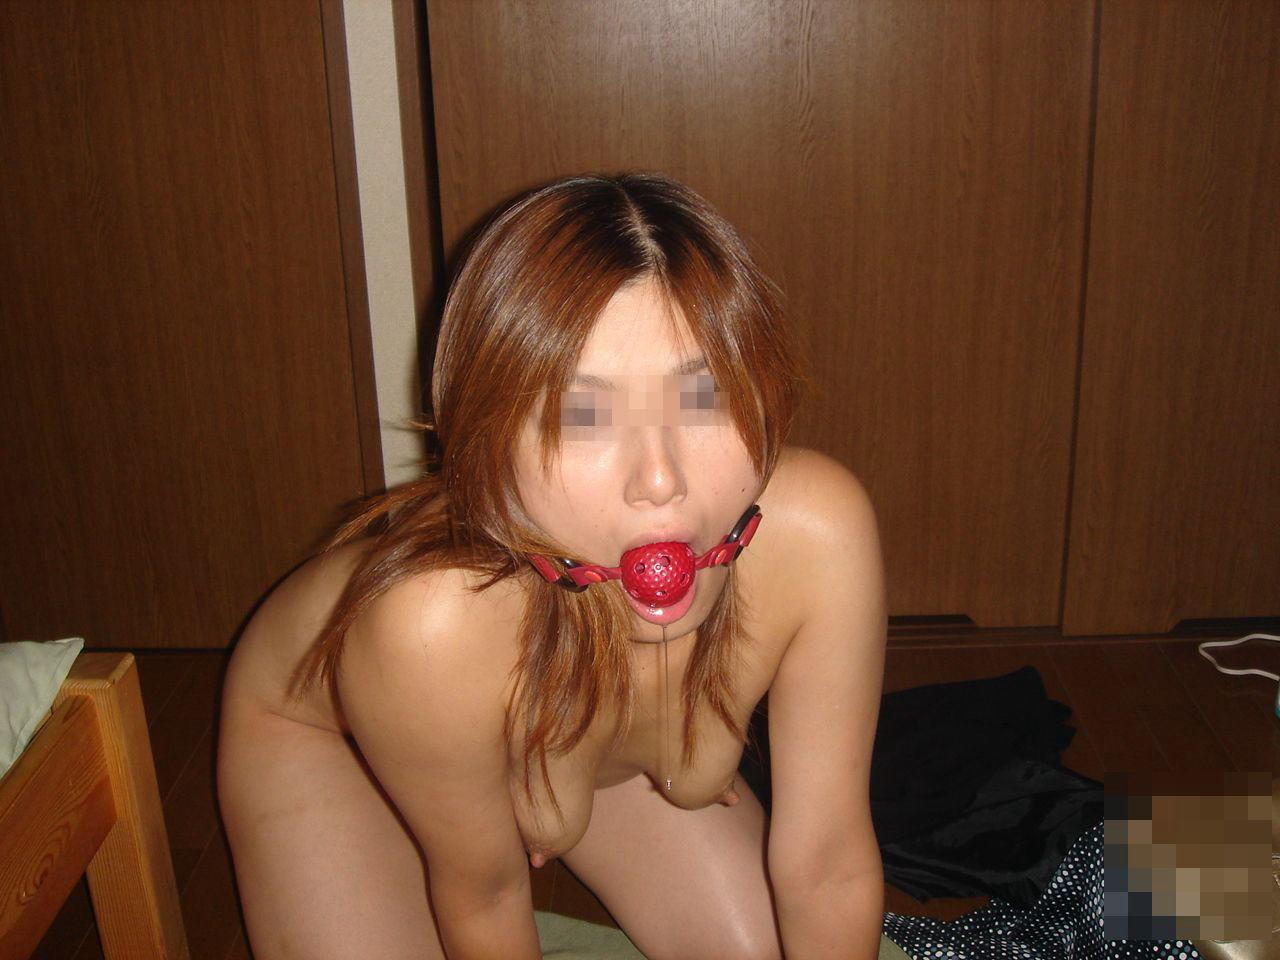 愛するがゆえに過激なプレイをしたくなる彼女にボールギャグを咥えさせるソフトSMエロ画像 106